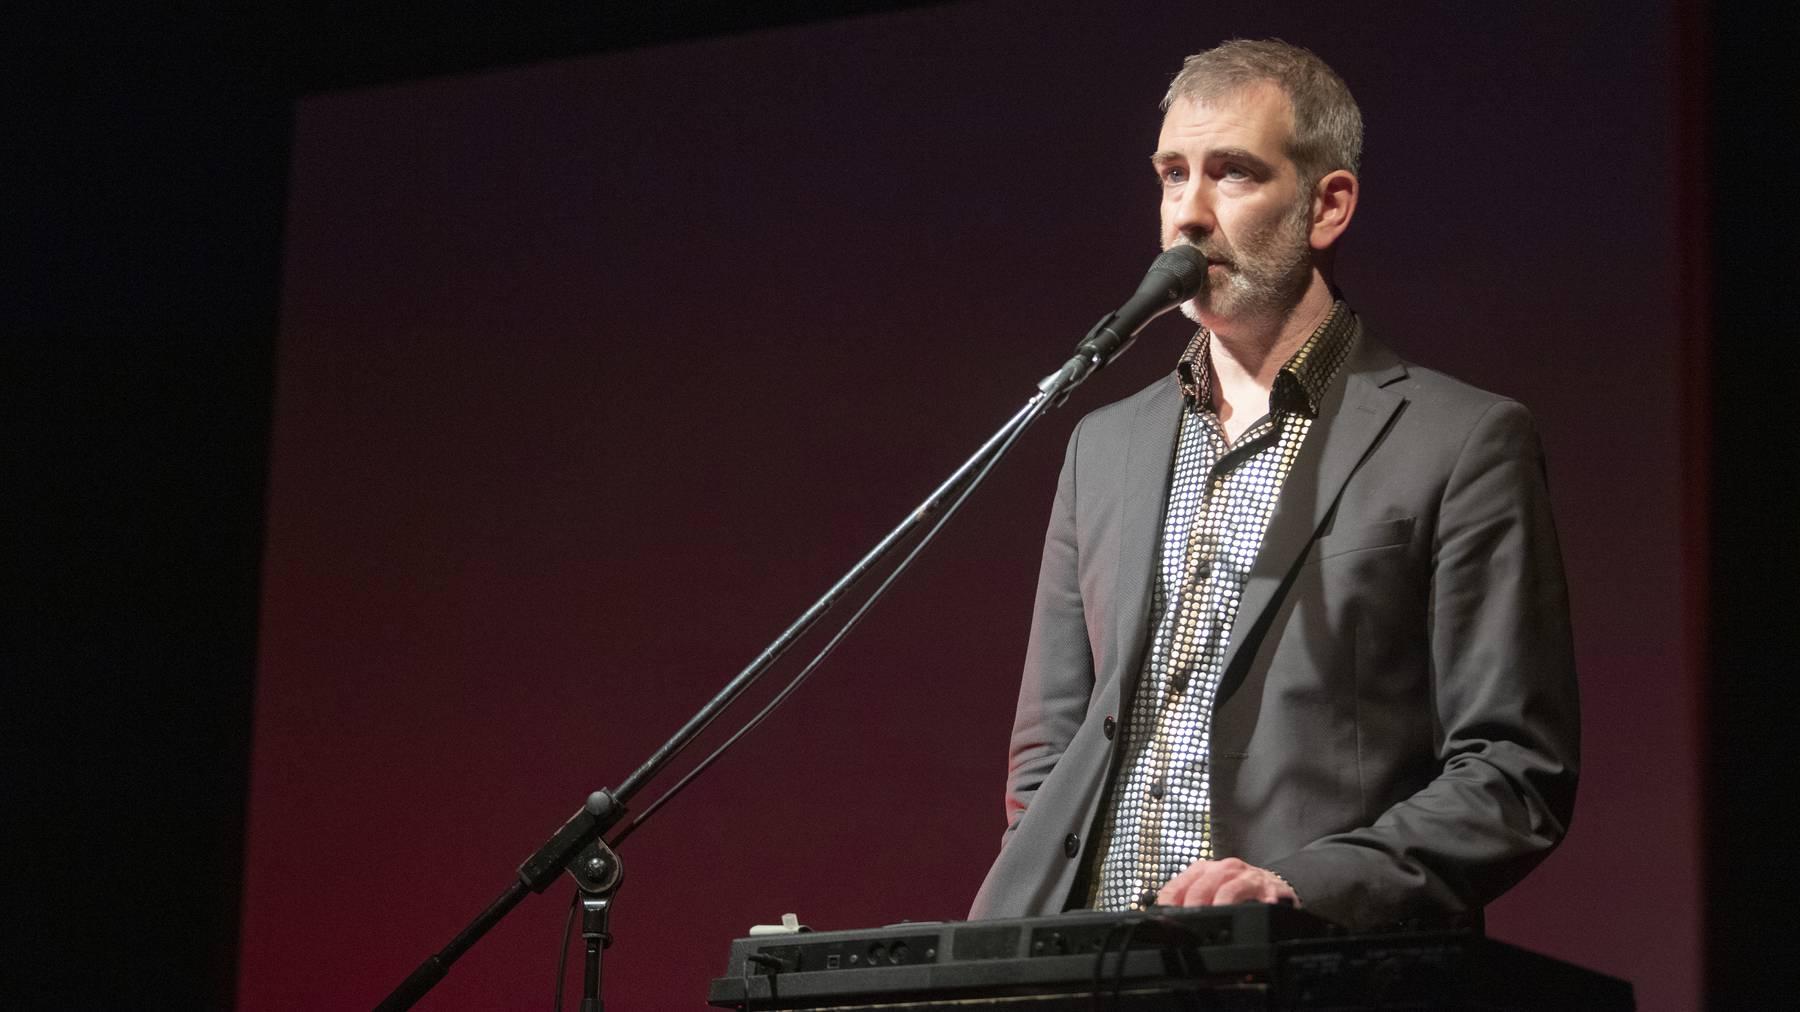 Musiker und Kabarettist Manuel Stahlberger tritt im Rahmen des Neustartfestivals am Samstagabend im Völkerkundemuseum auf.